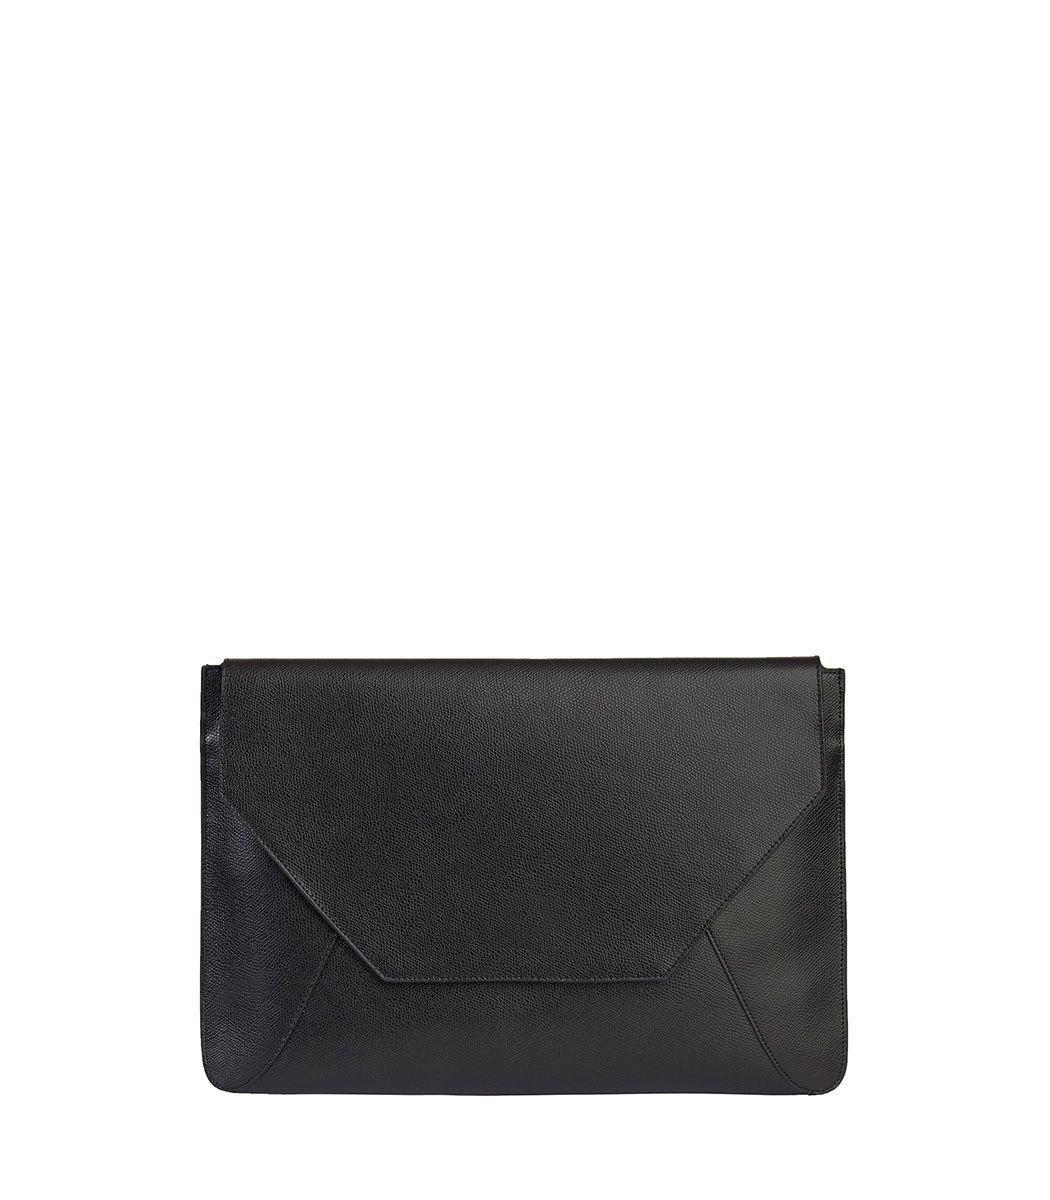 Envelope clutch - Black Senreve 8h8m0ffeXx